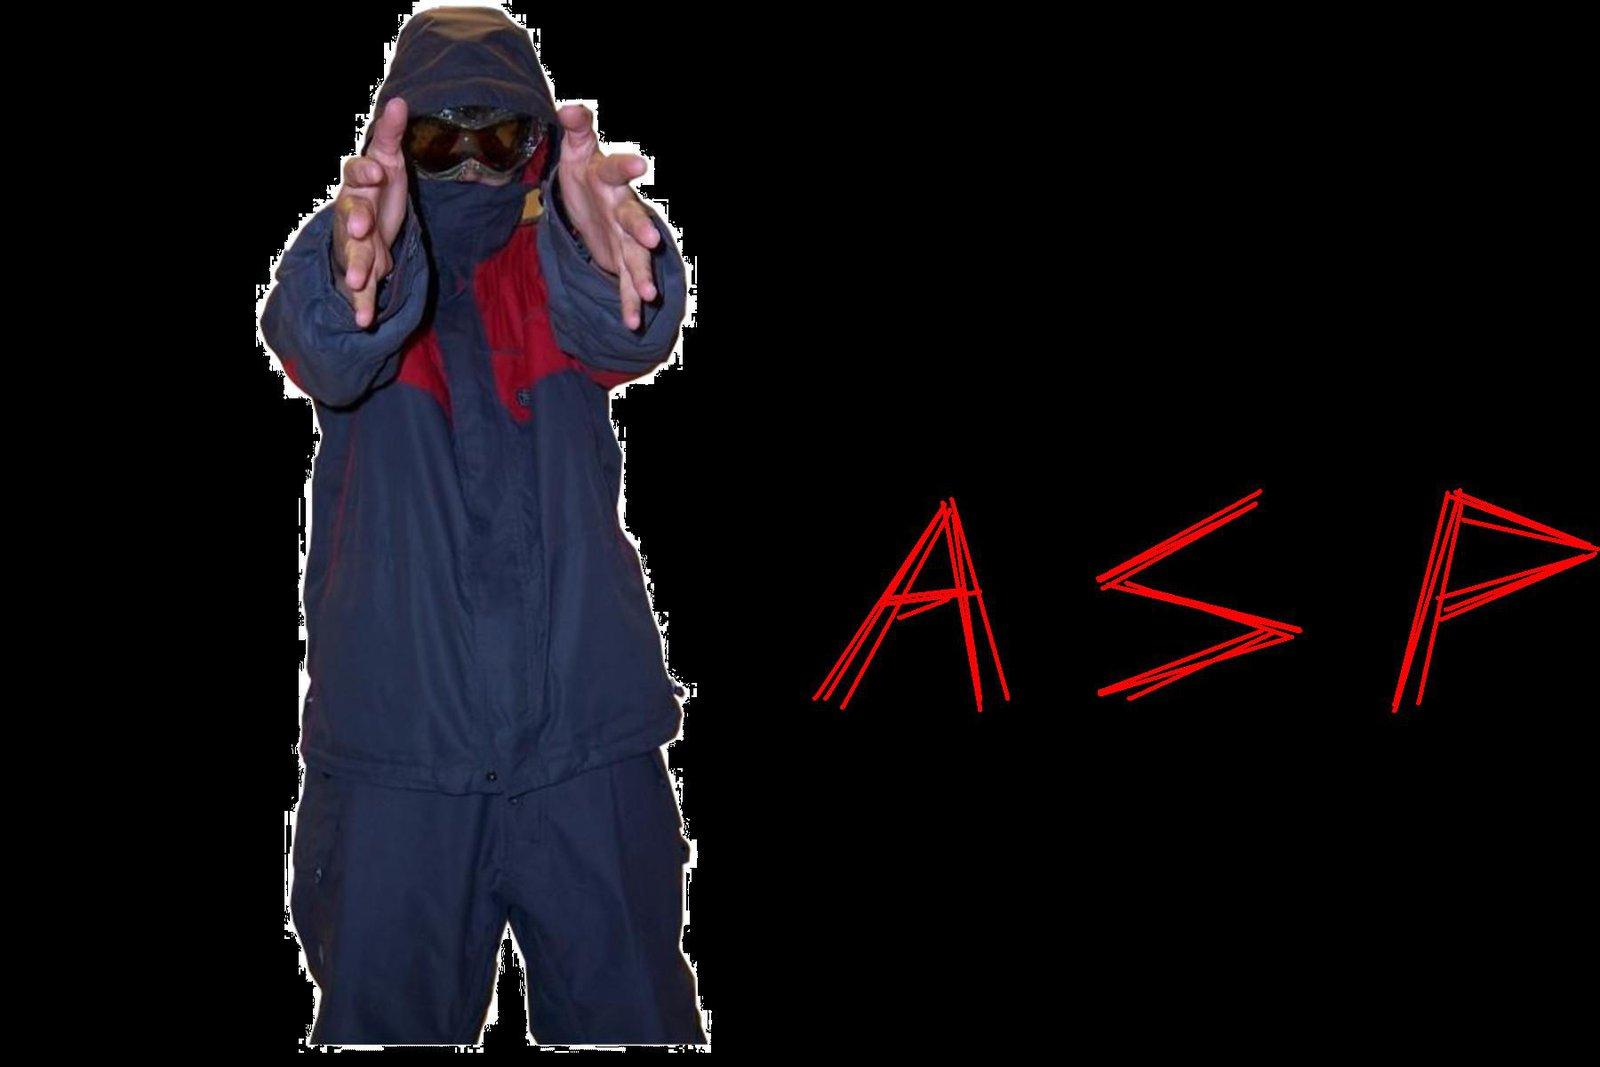 the asp